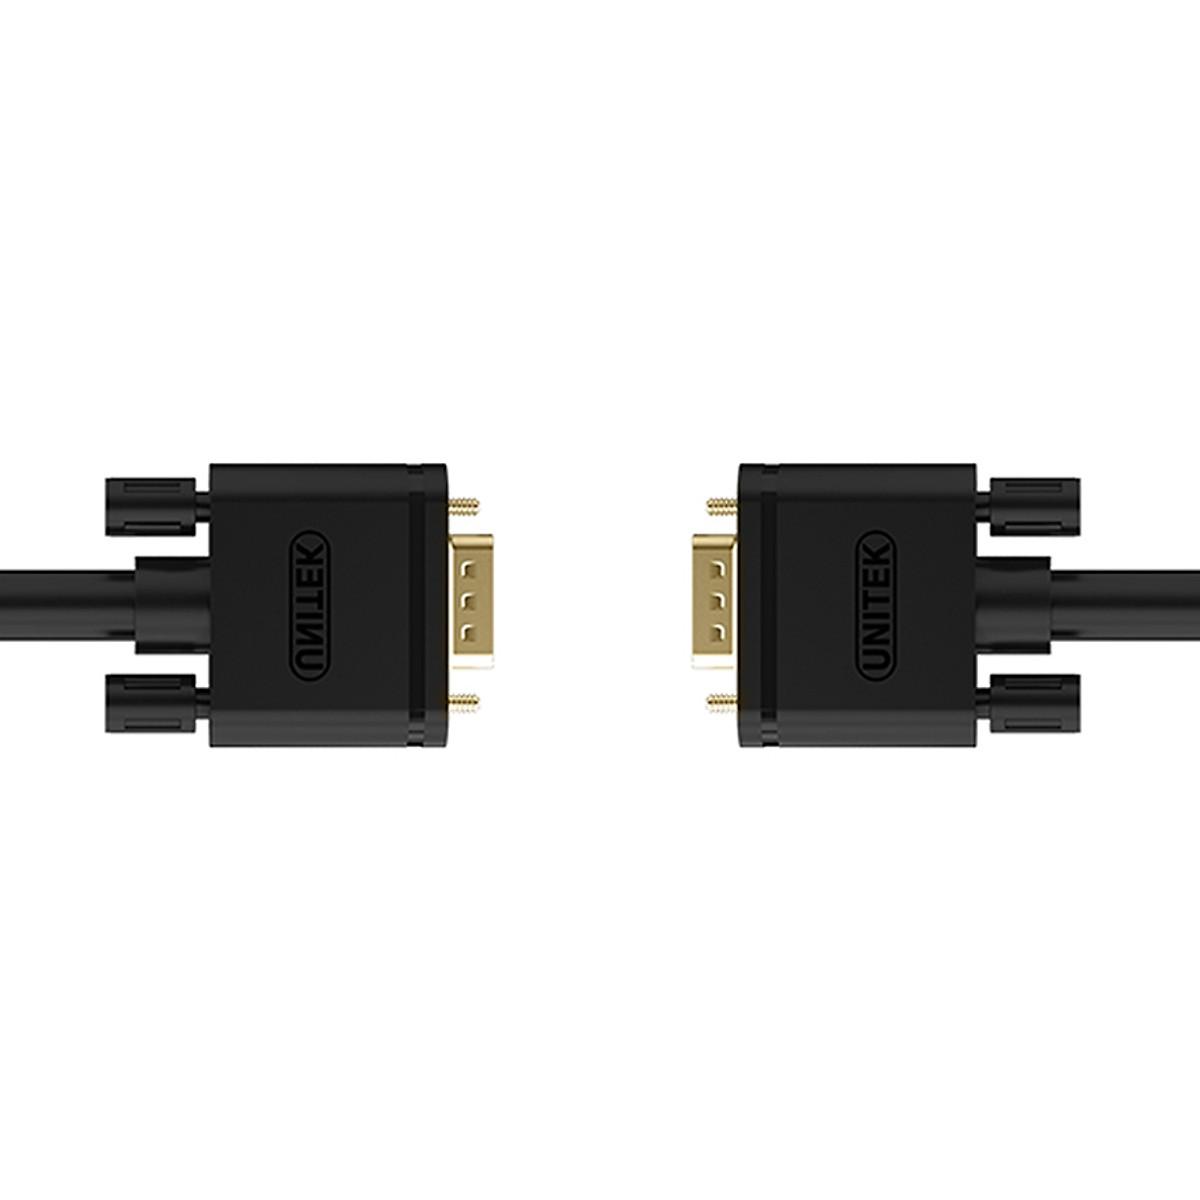 Cáp VGA ra VGA (20m) Unitek YC508  - Cáp Máy Chiếu Hàng Chính Hãng